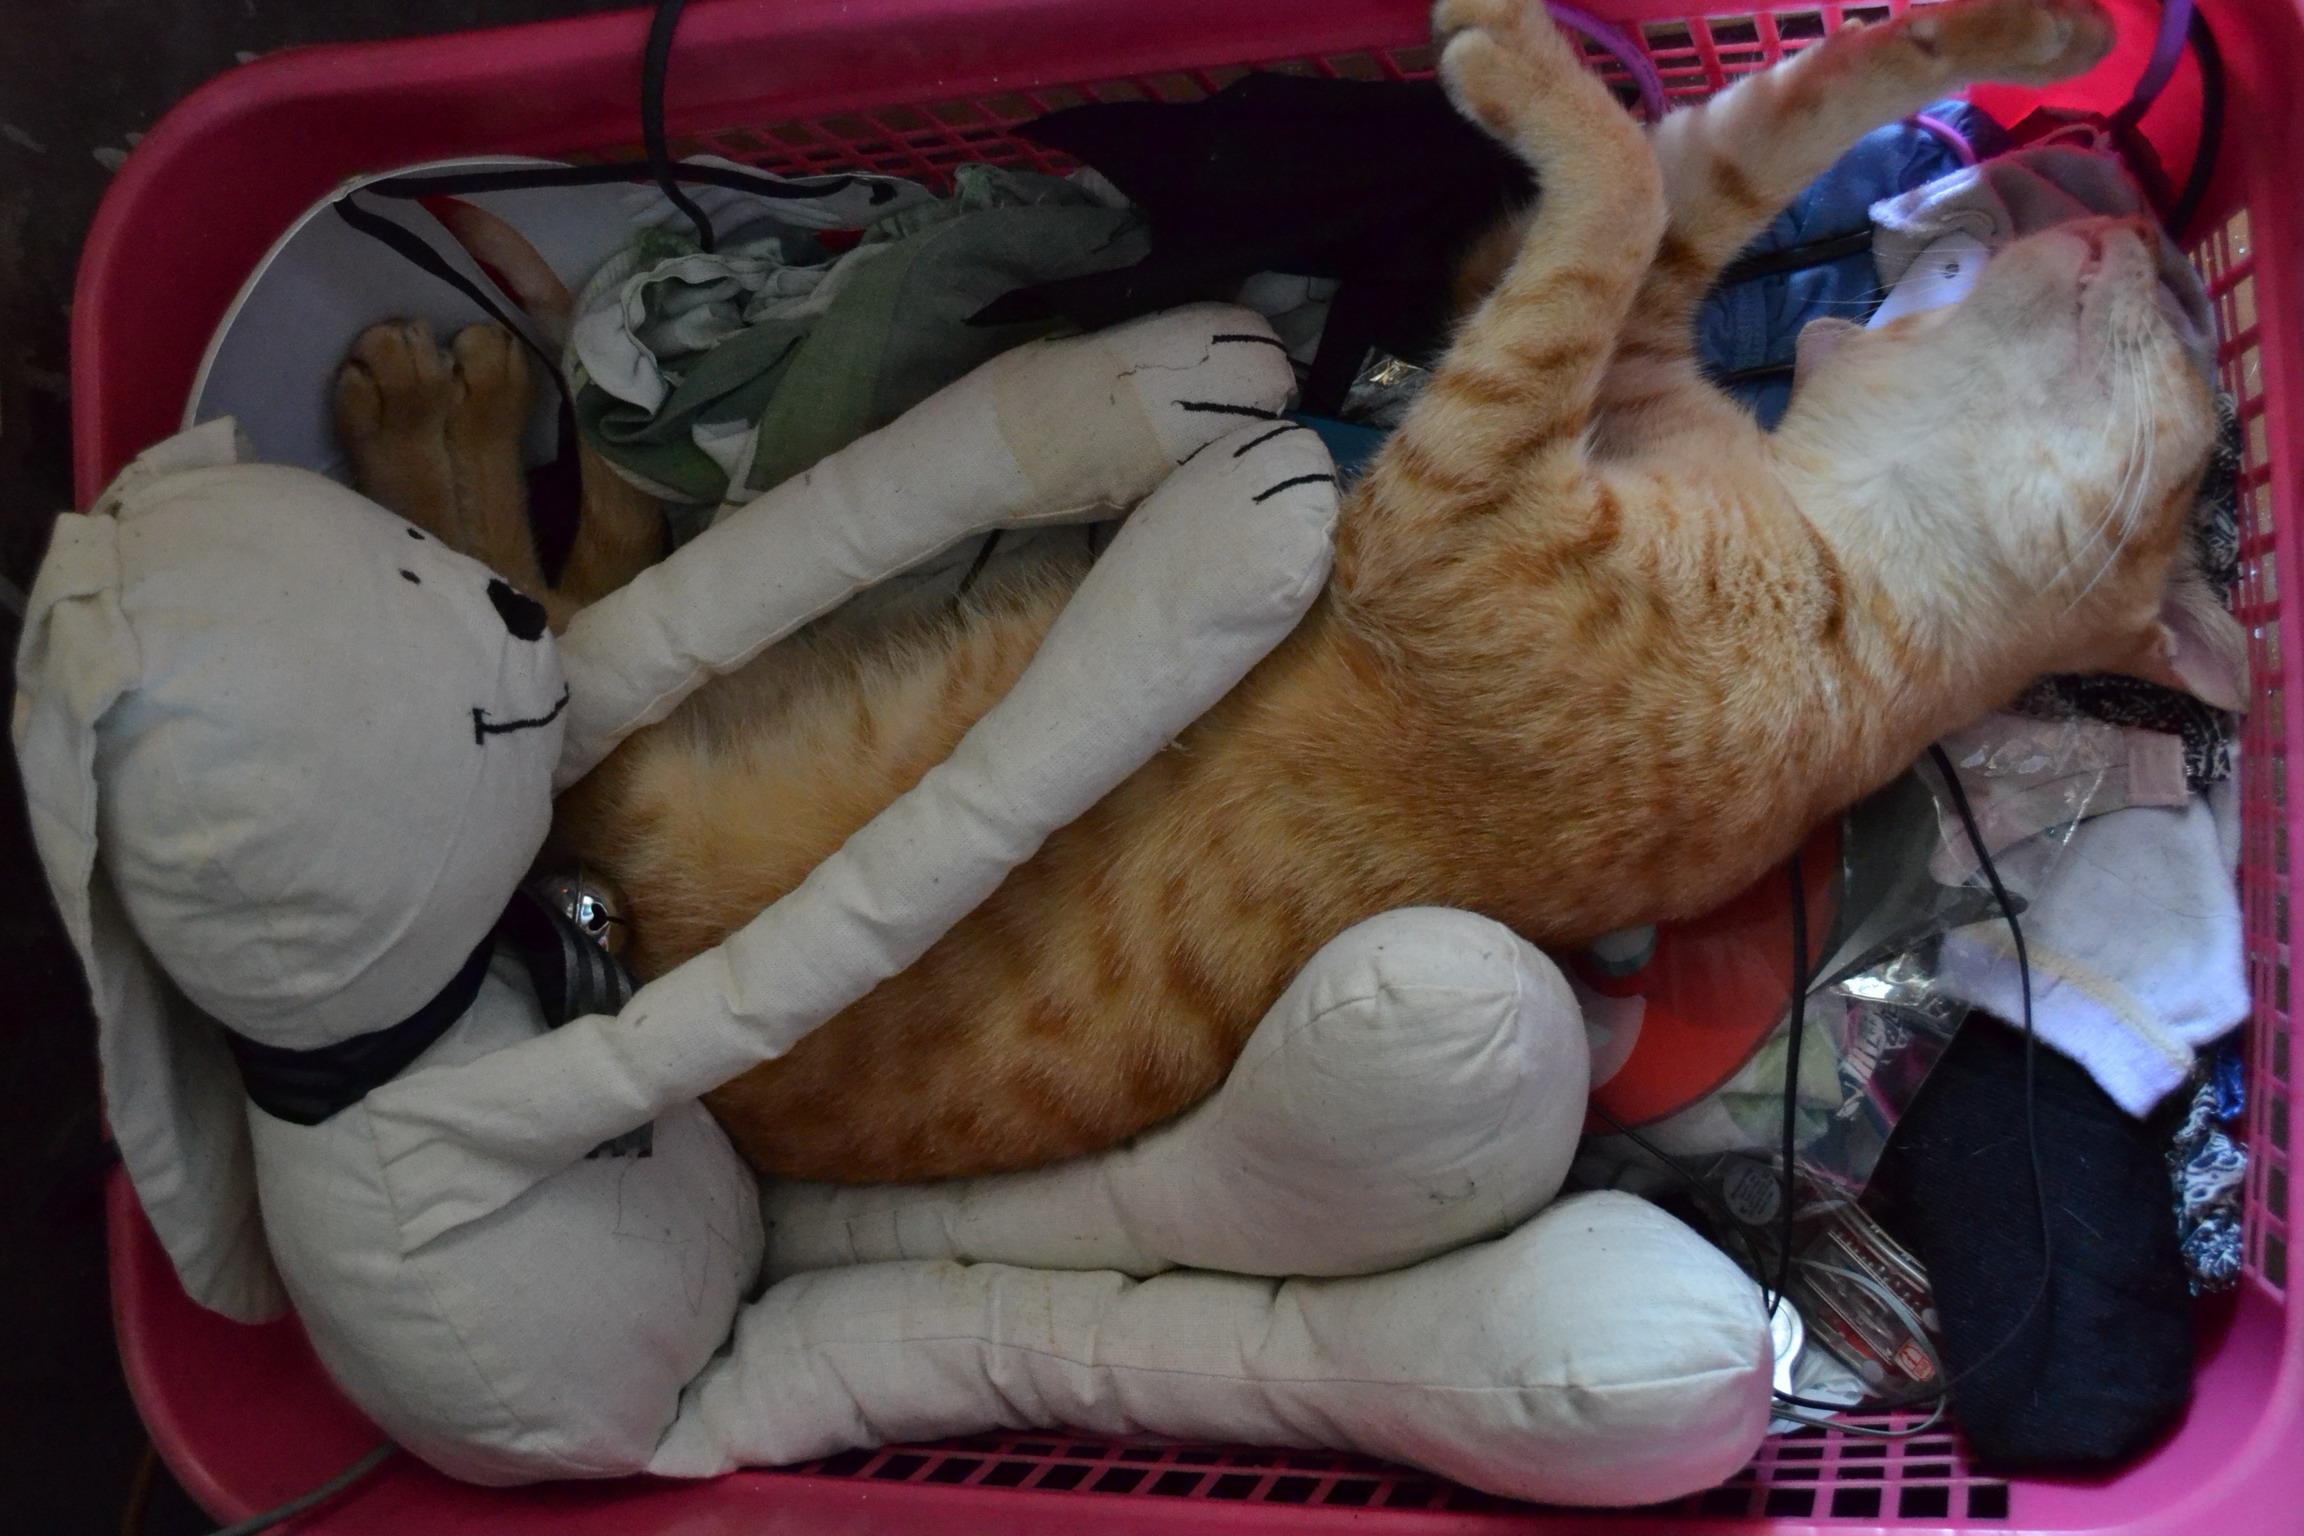 Cat in a basket photo